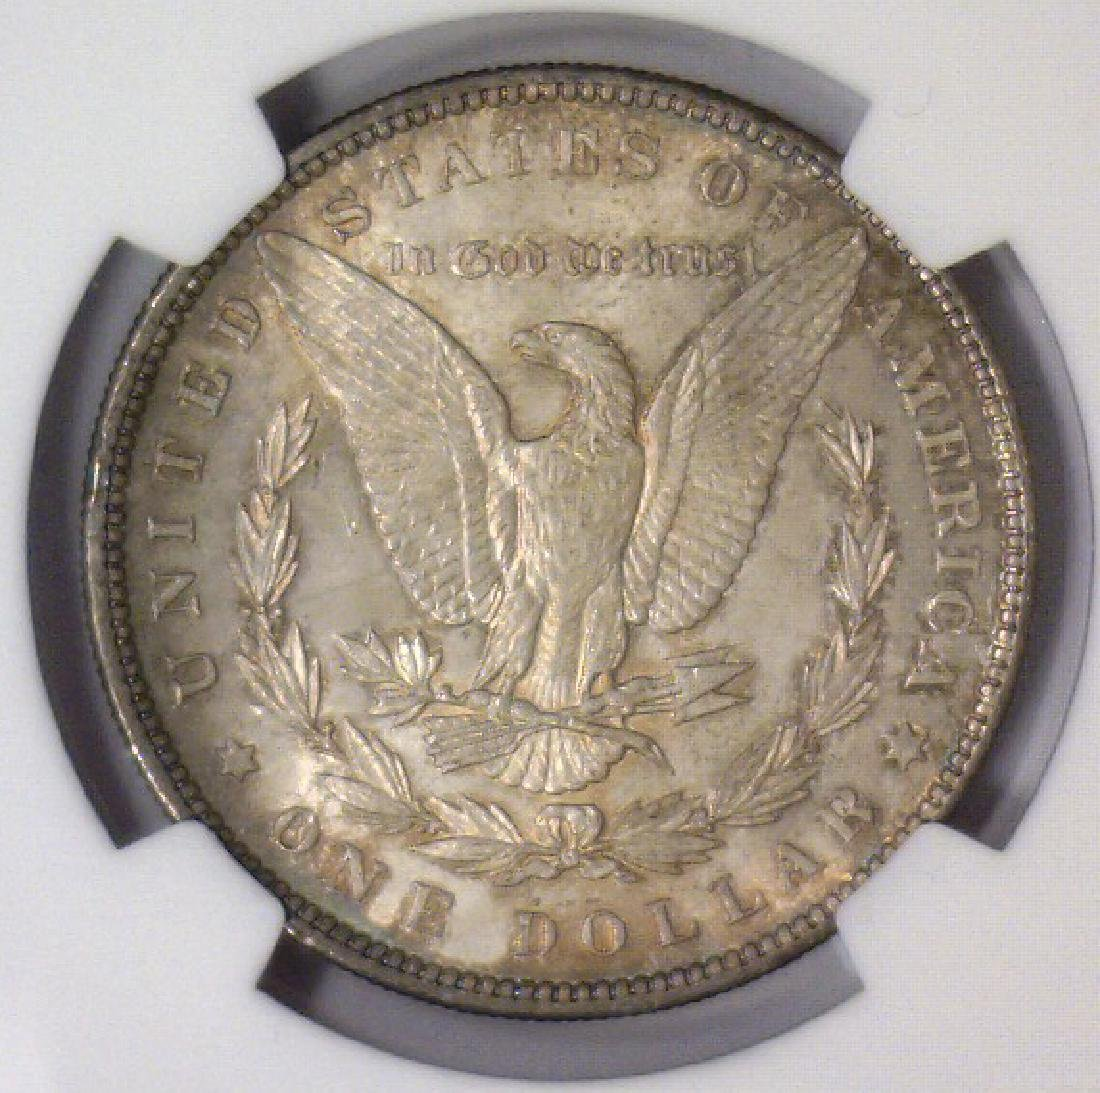 Investor Lot of 5 1896 Morgan Silver $1 NGC MS63 - 7